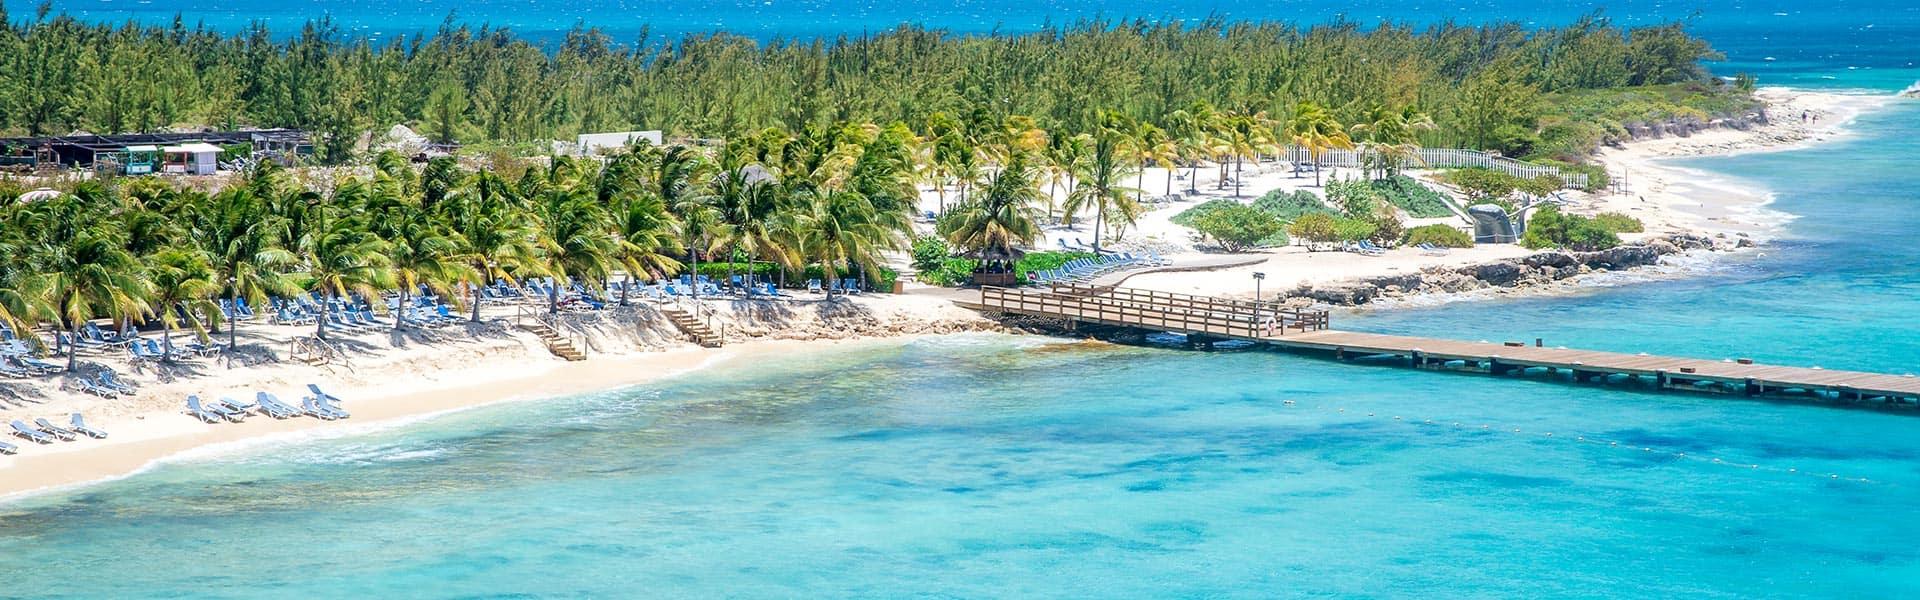 האיים הקריביים: הרפובליקה הדומיניקנית וגרנד טרק